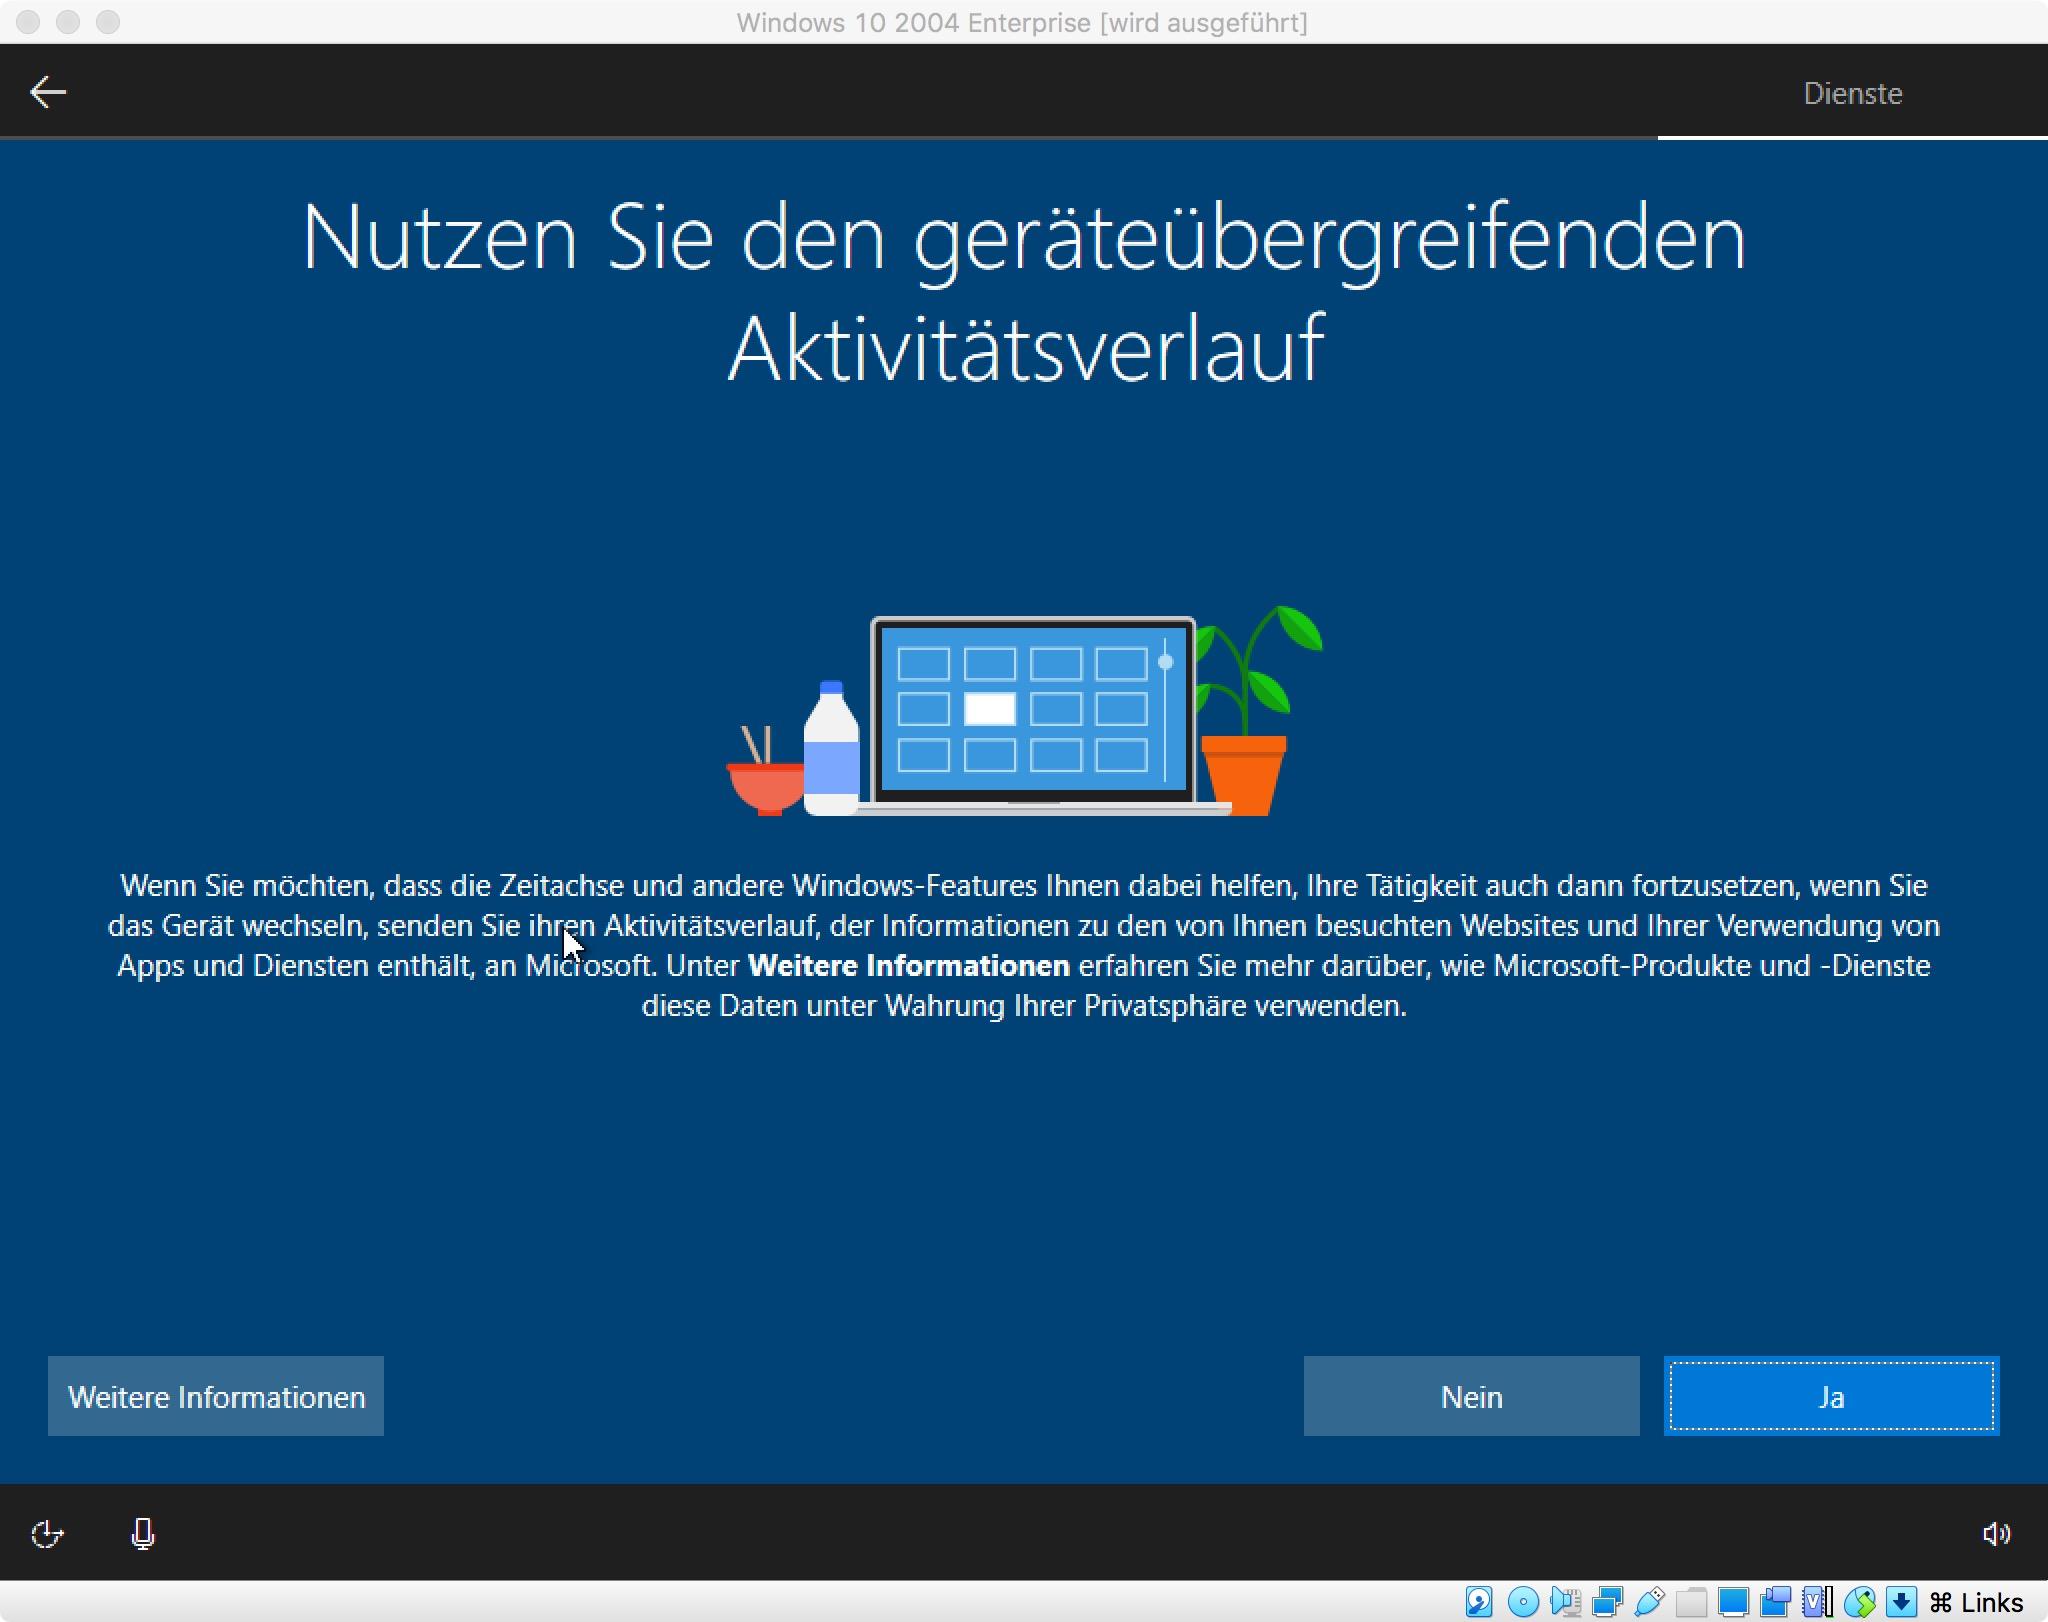 """Die Bildergalerie zeigt die Installation von Windows 10 2004 Enterprise Edition auf Basis der Insider-Version 19041.84. Nach der Installation erhöht das Update KB4550936 die Buildnummer auf 19041.207. Damit entspricht sie der finalen Version, die Microsoft ab Mai verteilen will.<br> Weitere Infos: <a href=\""""https://www.zdnet.de/88379112/windows-10-2004-installieren-und-optimal-einrichten/\"""" target=\""""_blank\"""">Windows 10 2004 installieren und optimal einrichten</a>"""